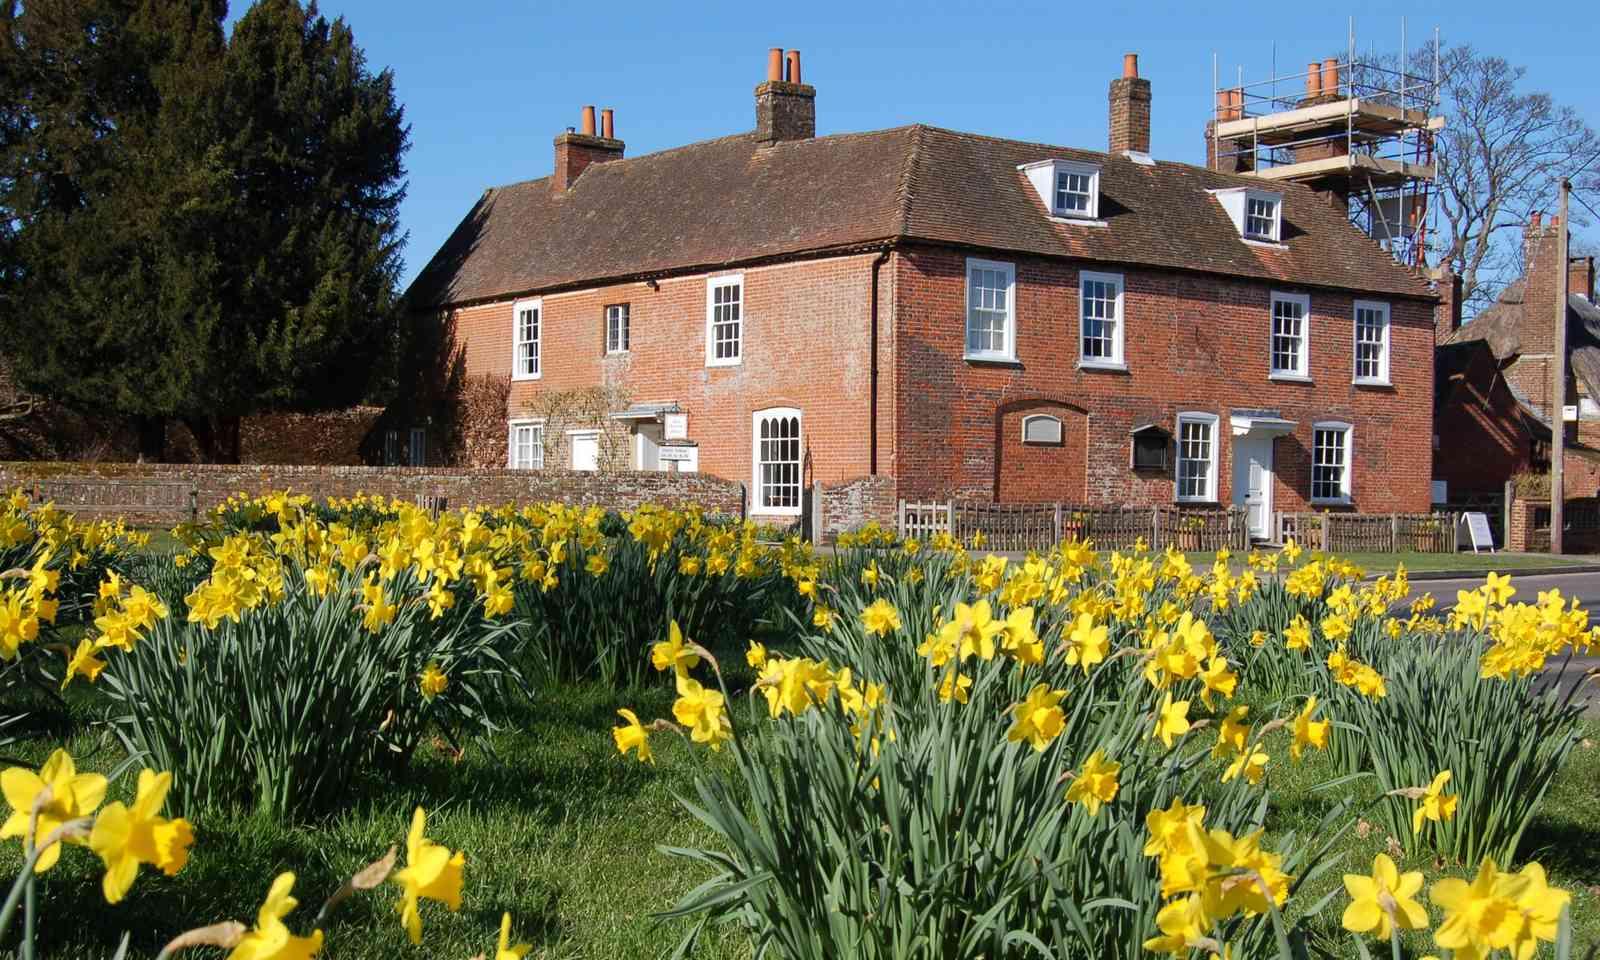 Jane Austen's house in Chawton (Dreamstime)